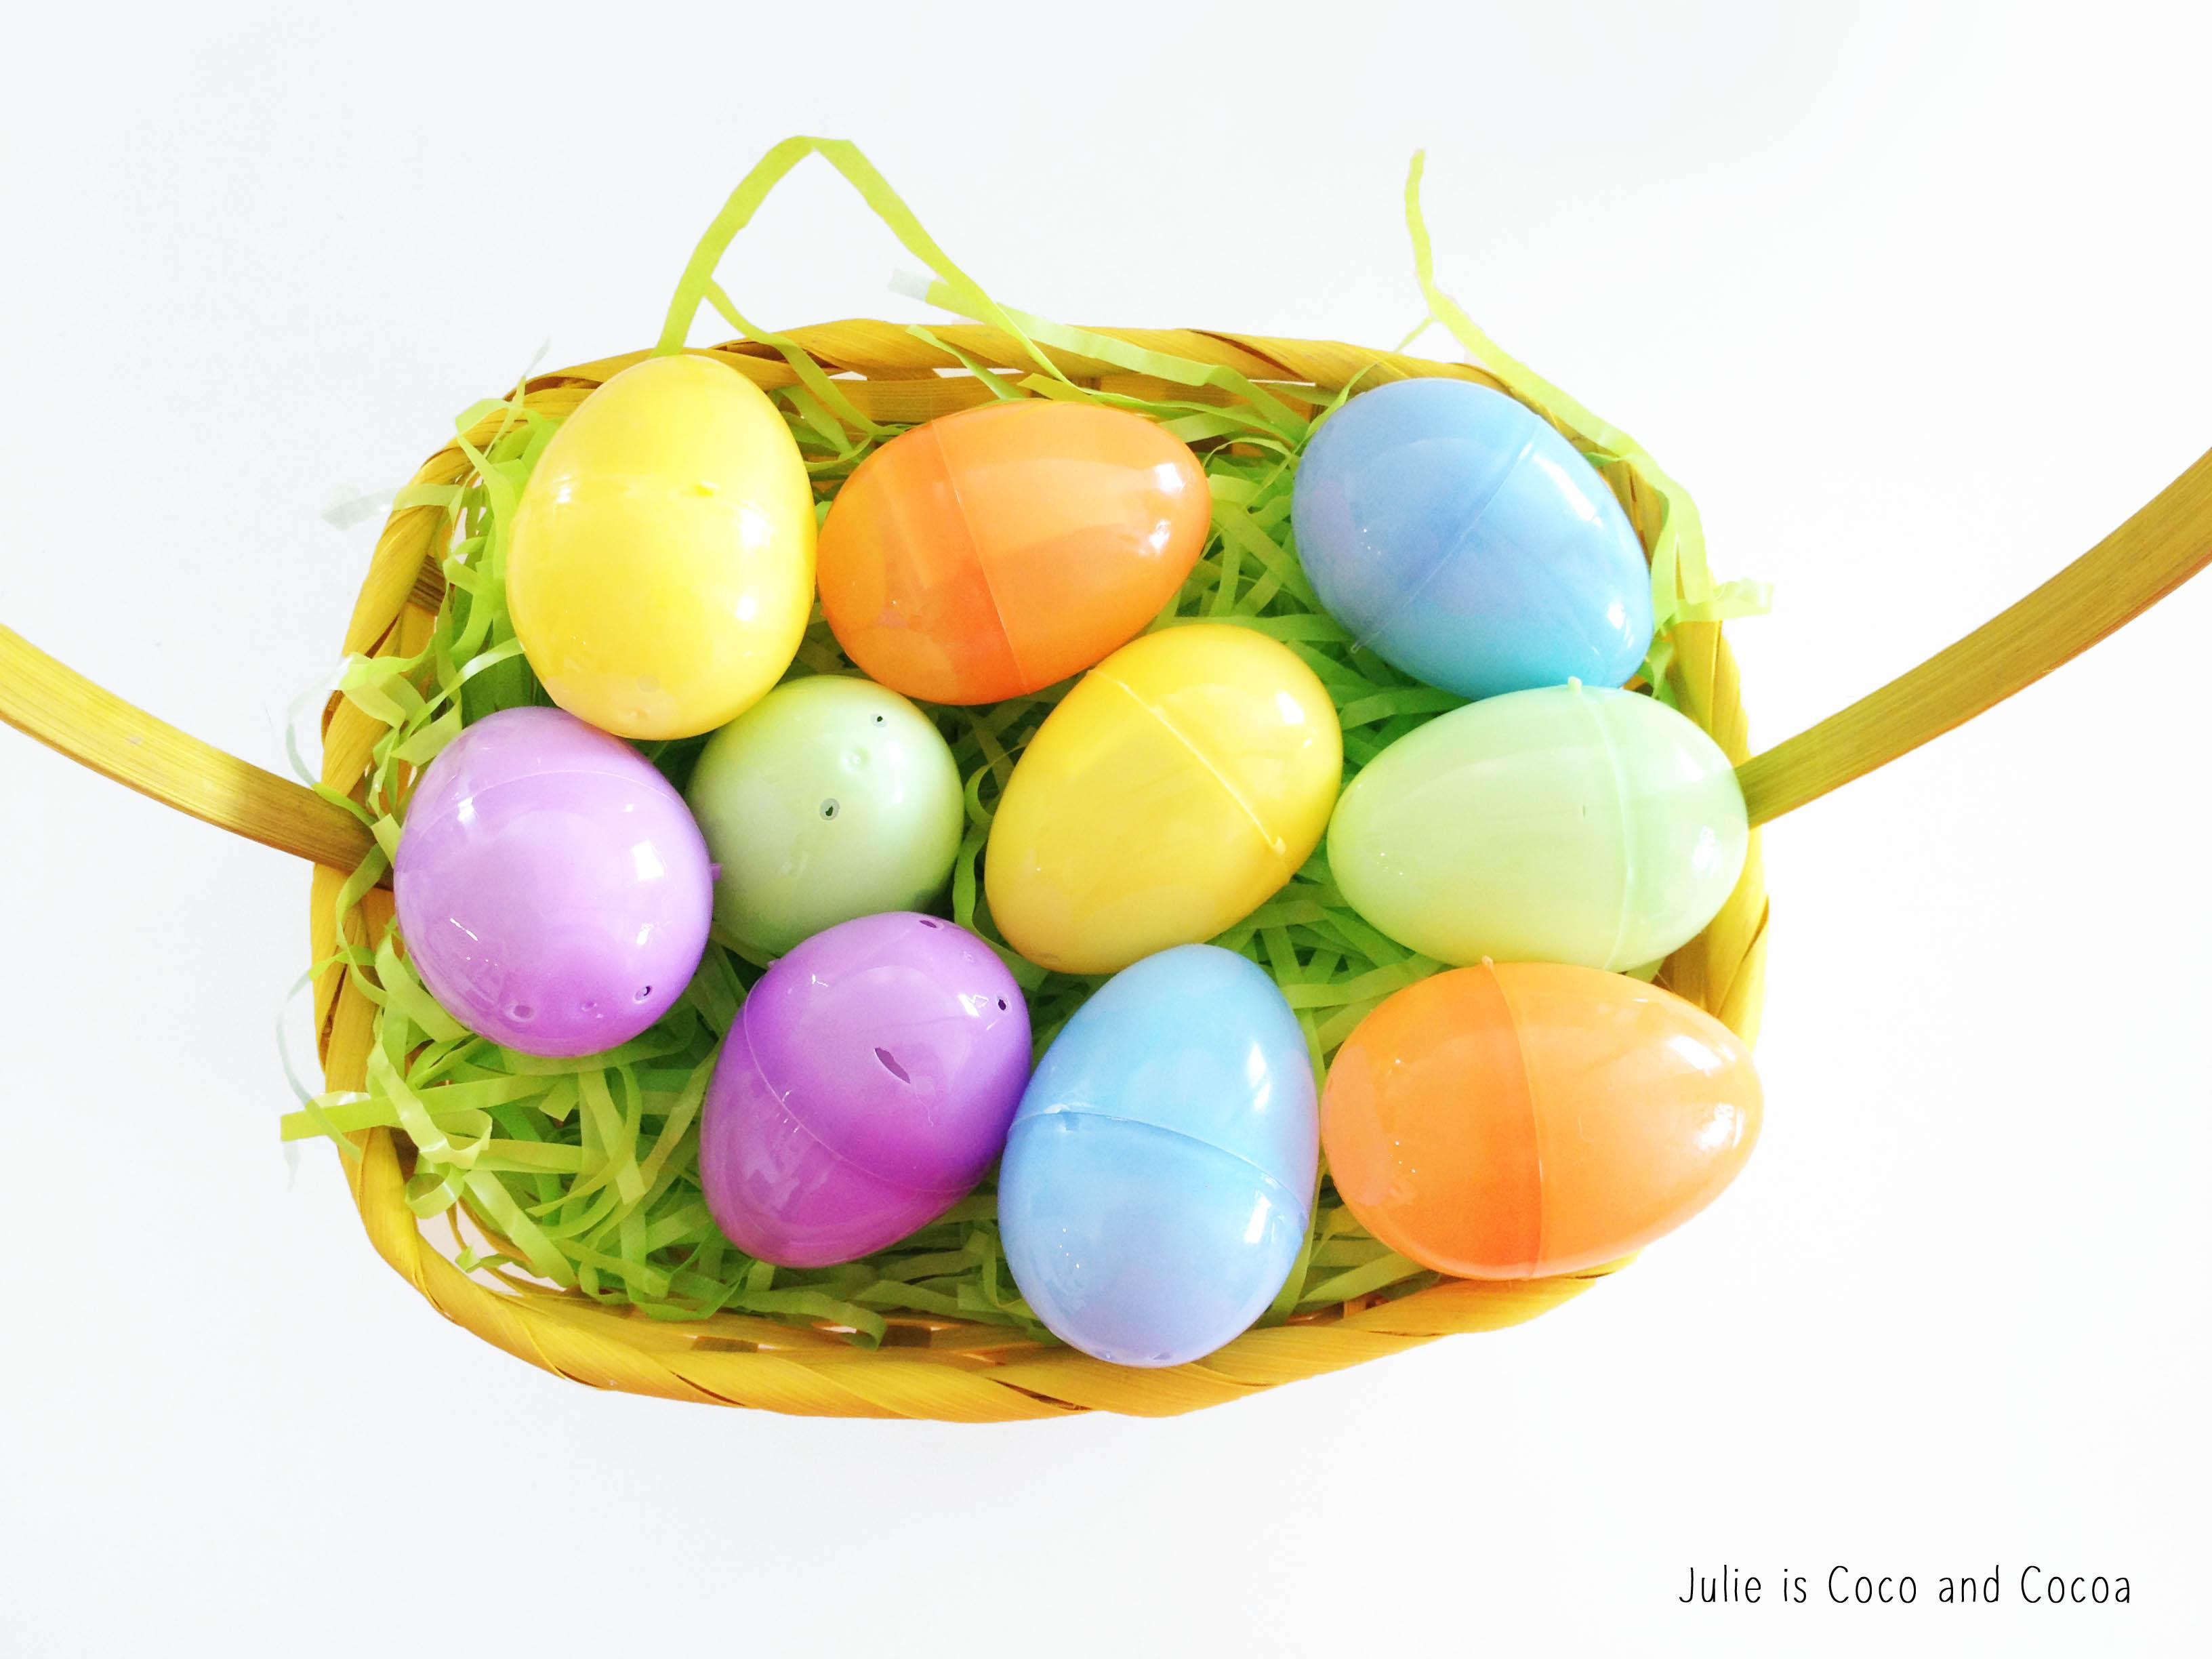 qr codes easter egg basket